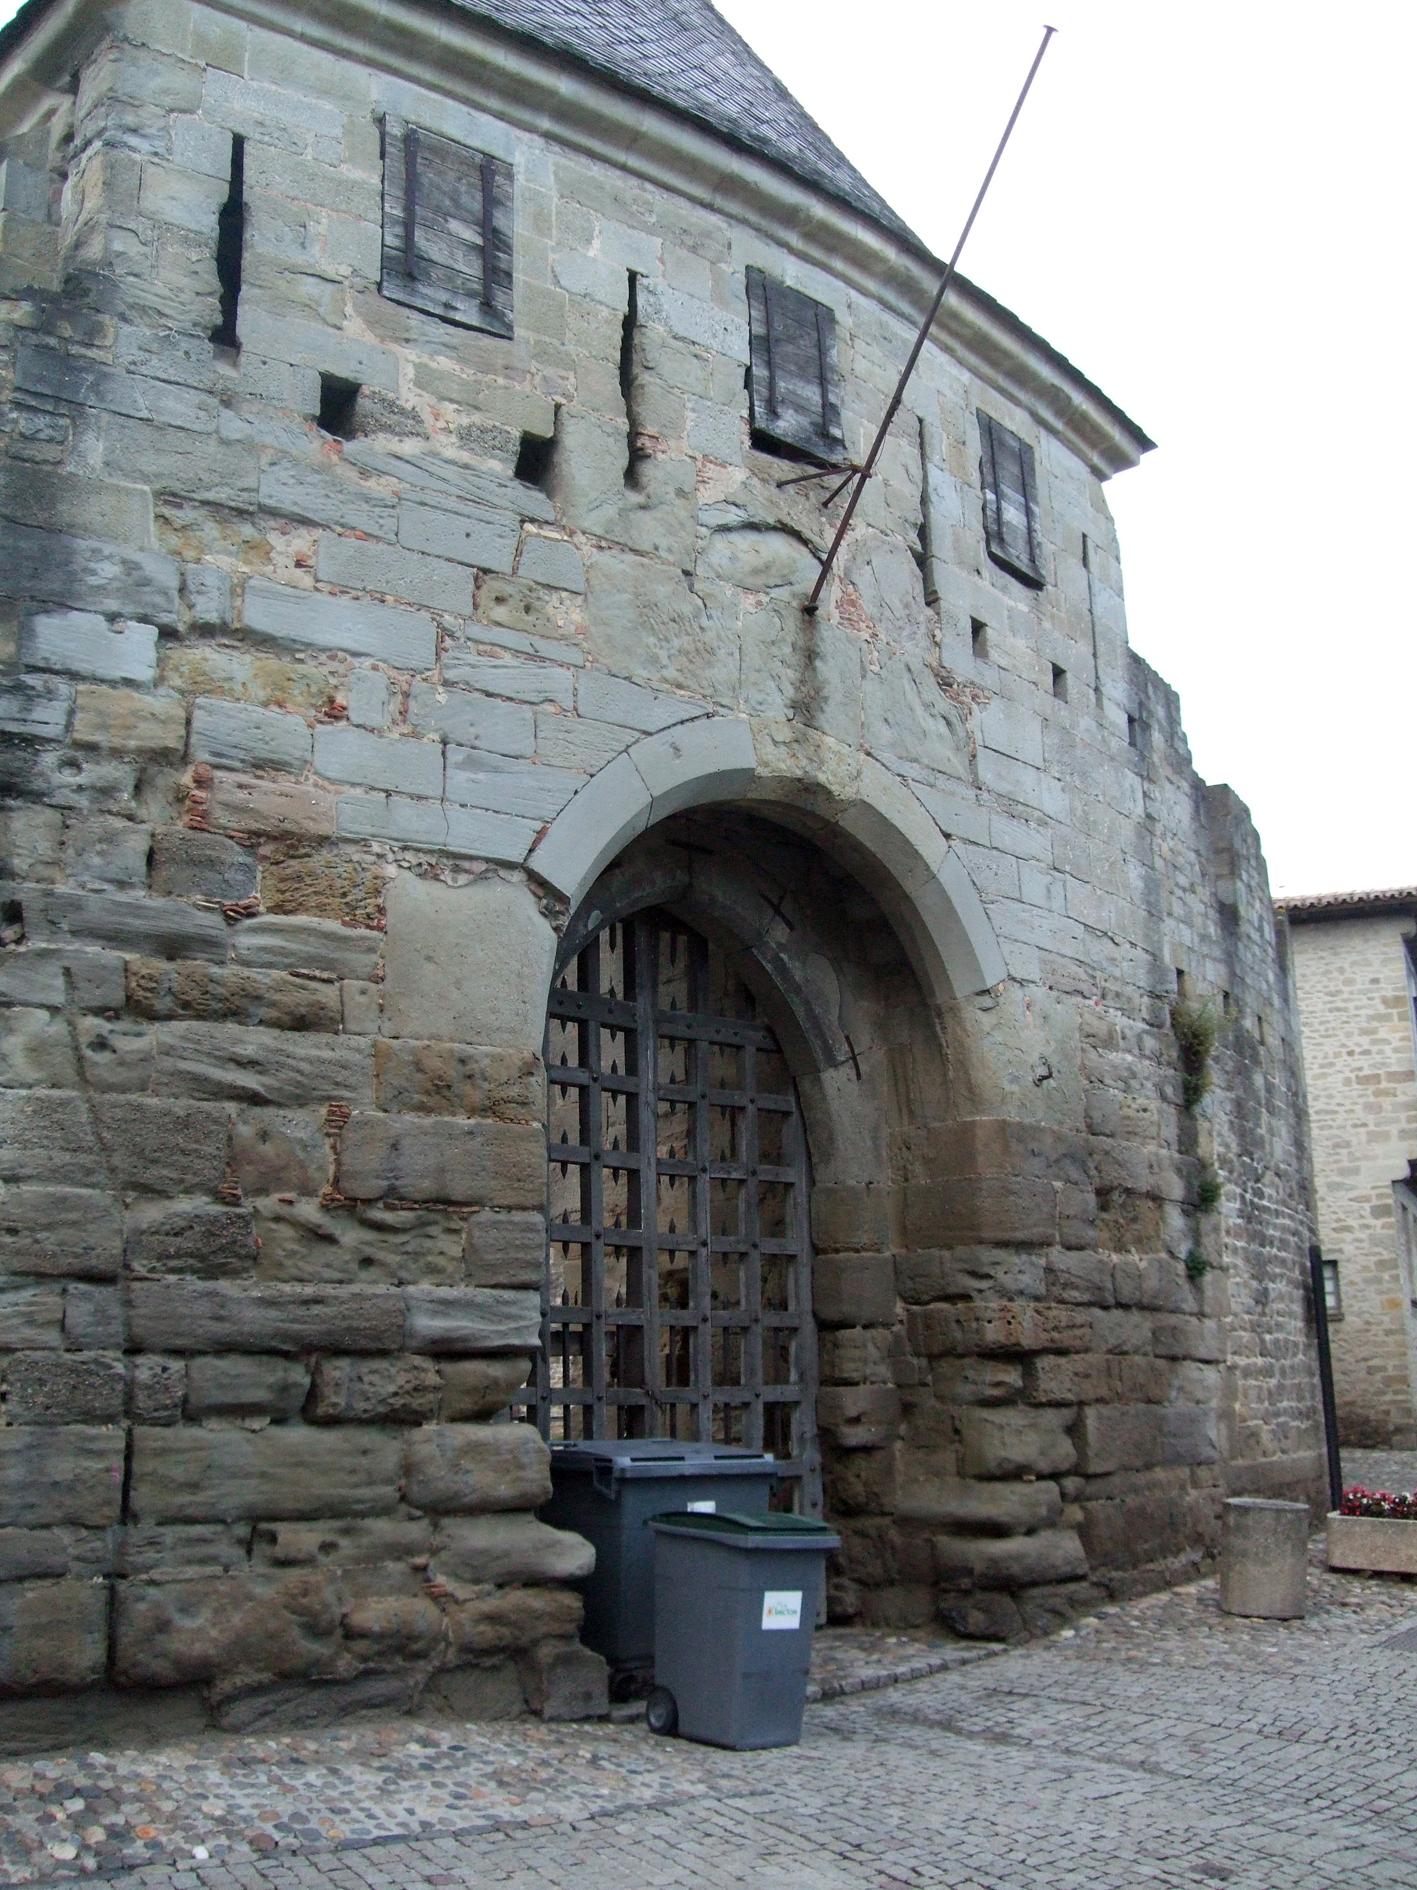 26.03.2008 La Barbacana d'accés al castell.            Carcassona   -  Jordi Bibià